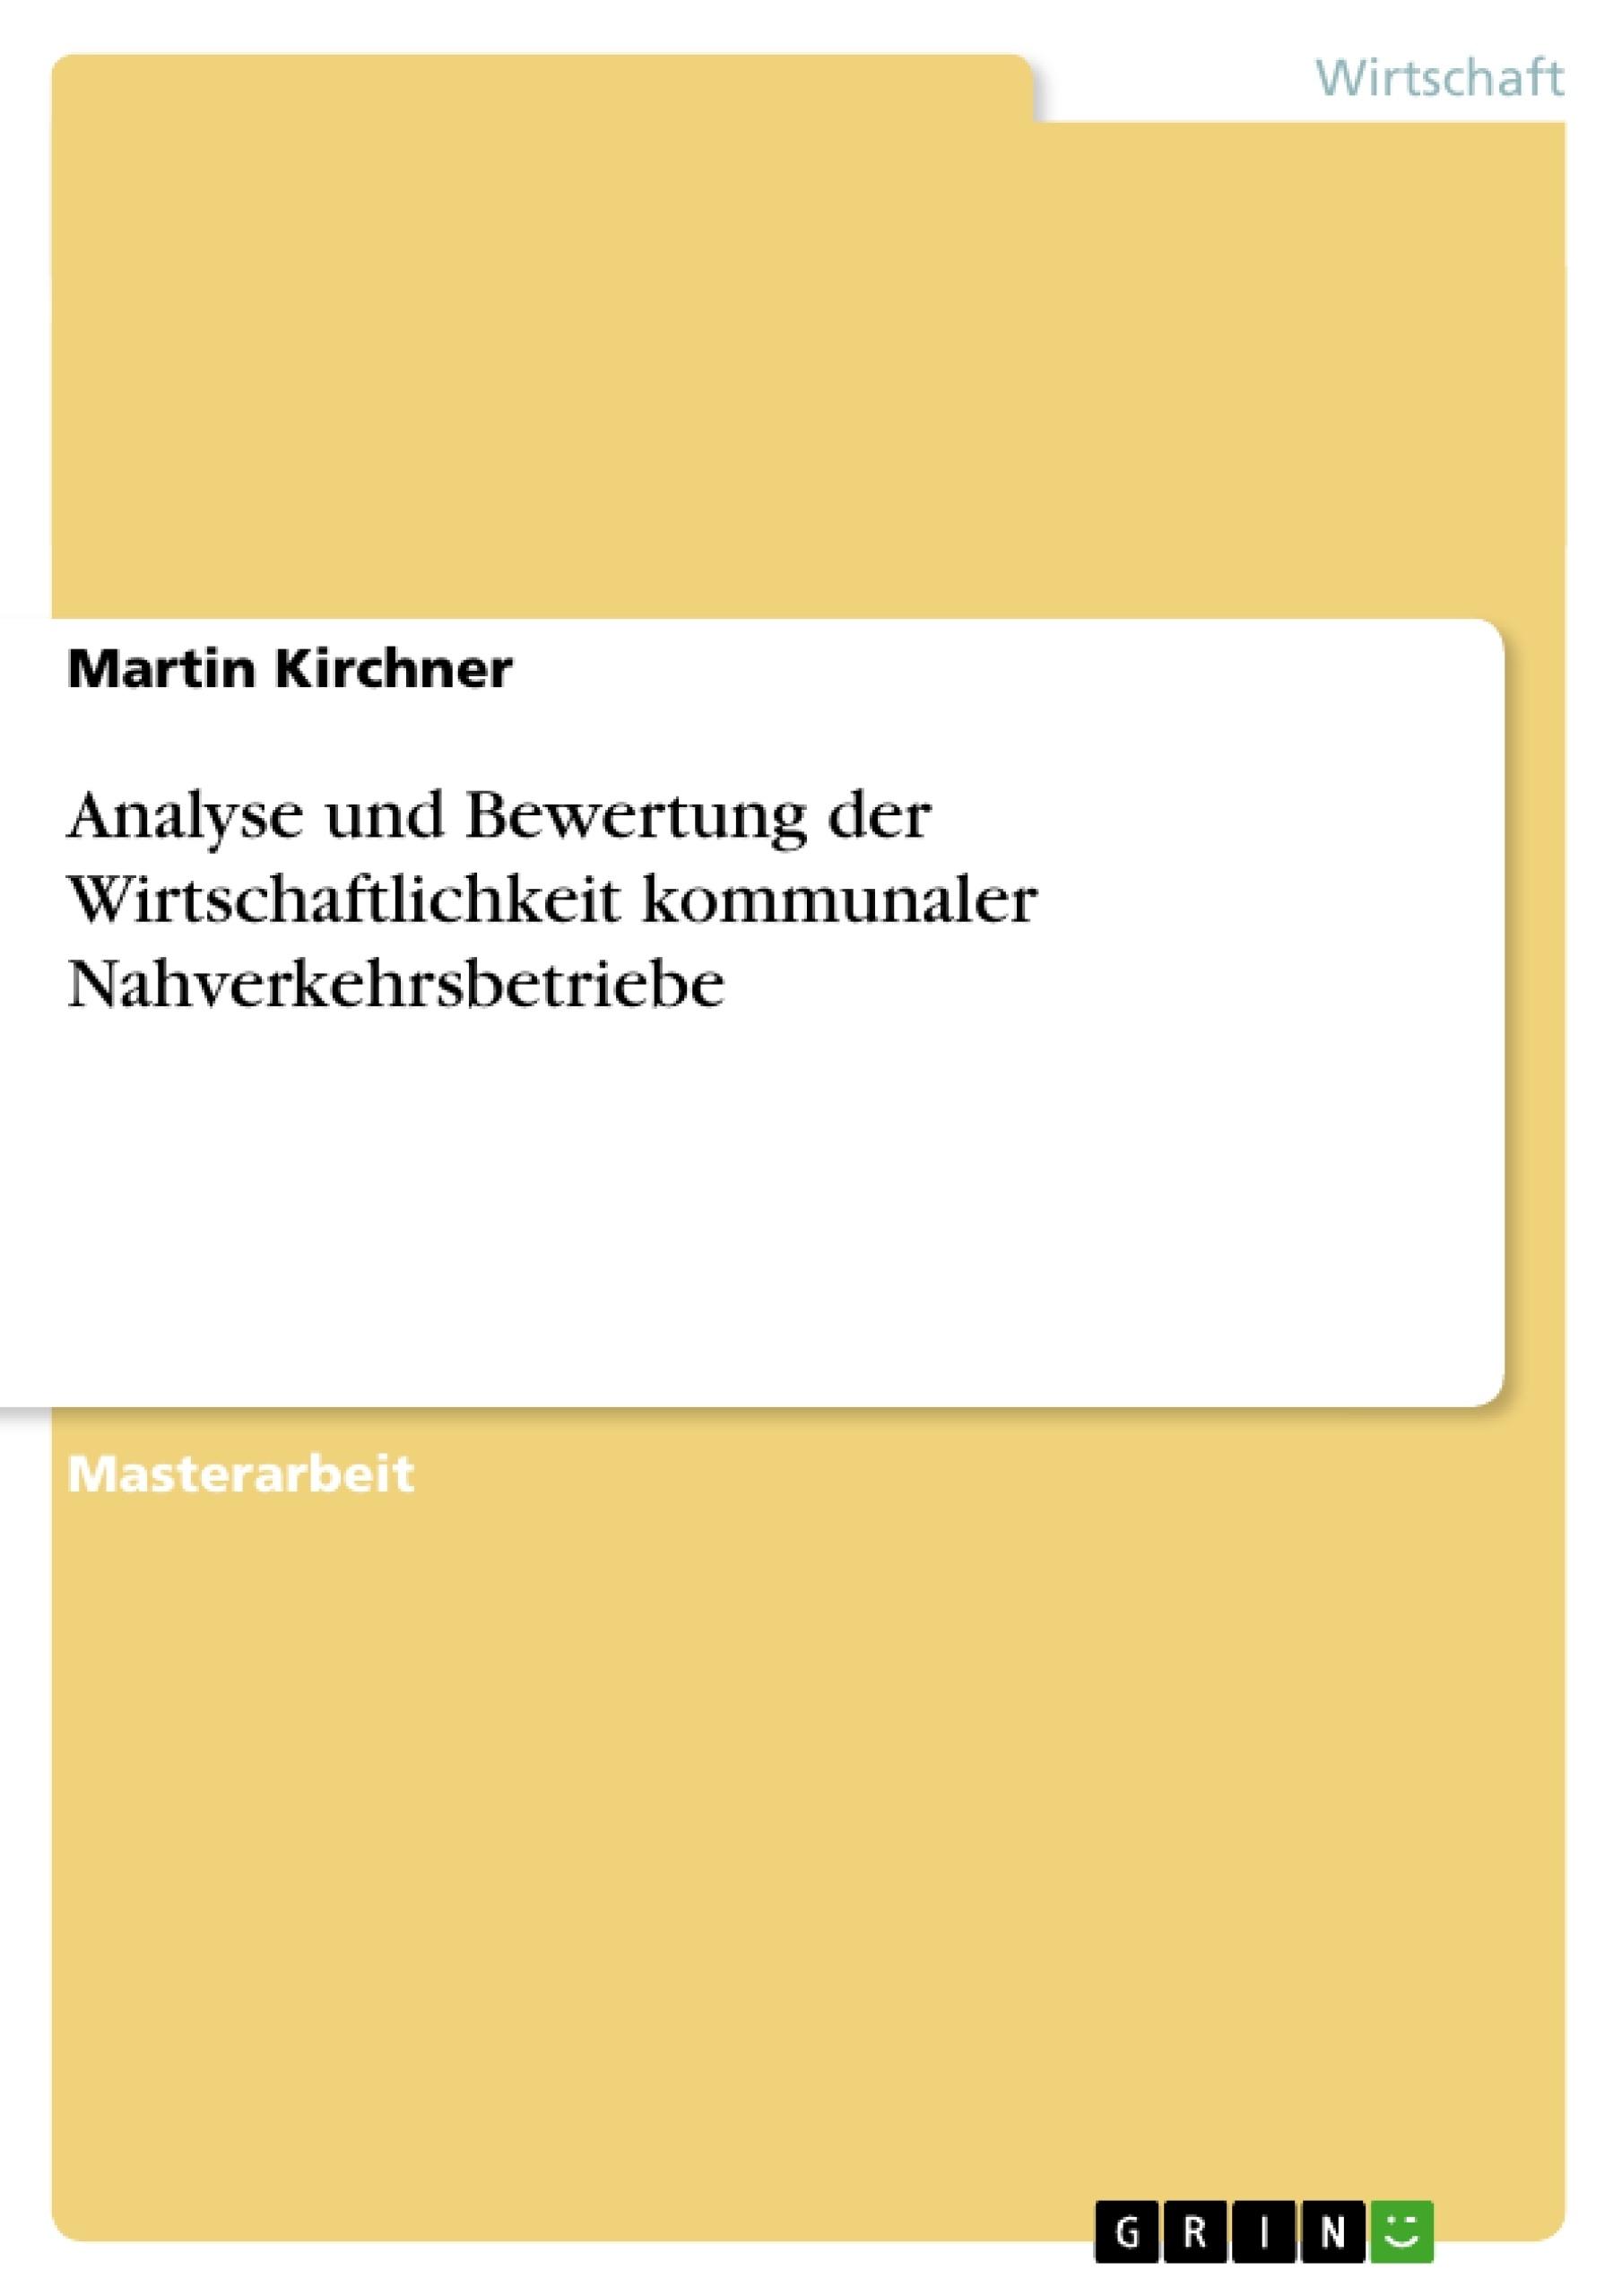 Titel: Analyse und Bewertung der Wirtschaftlichkeit  kommunaler Nahverkehrsbetriebe